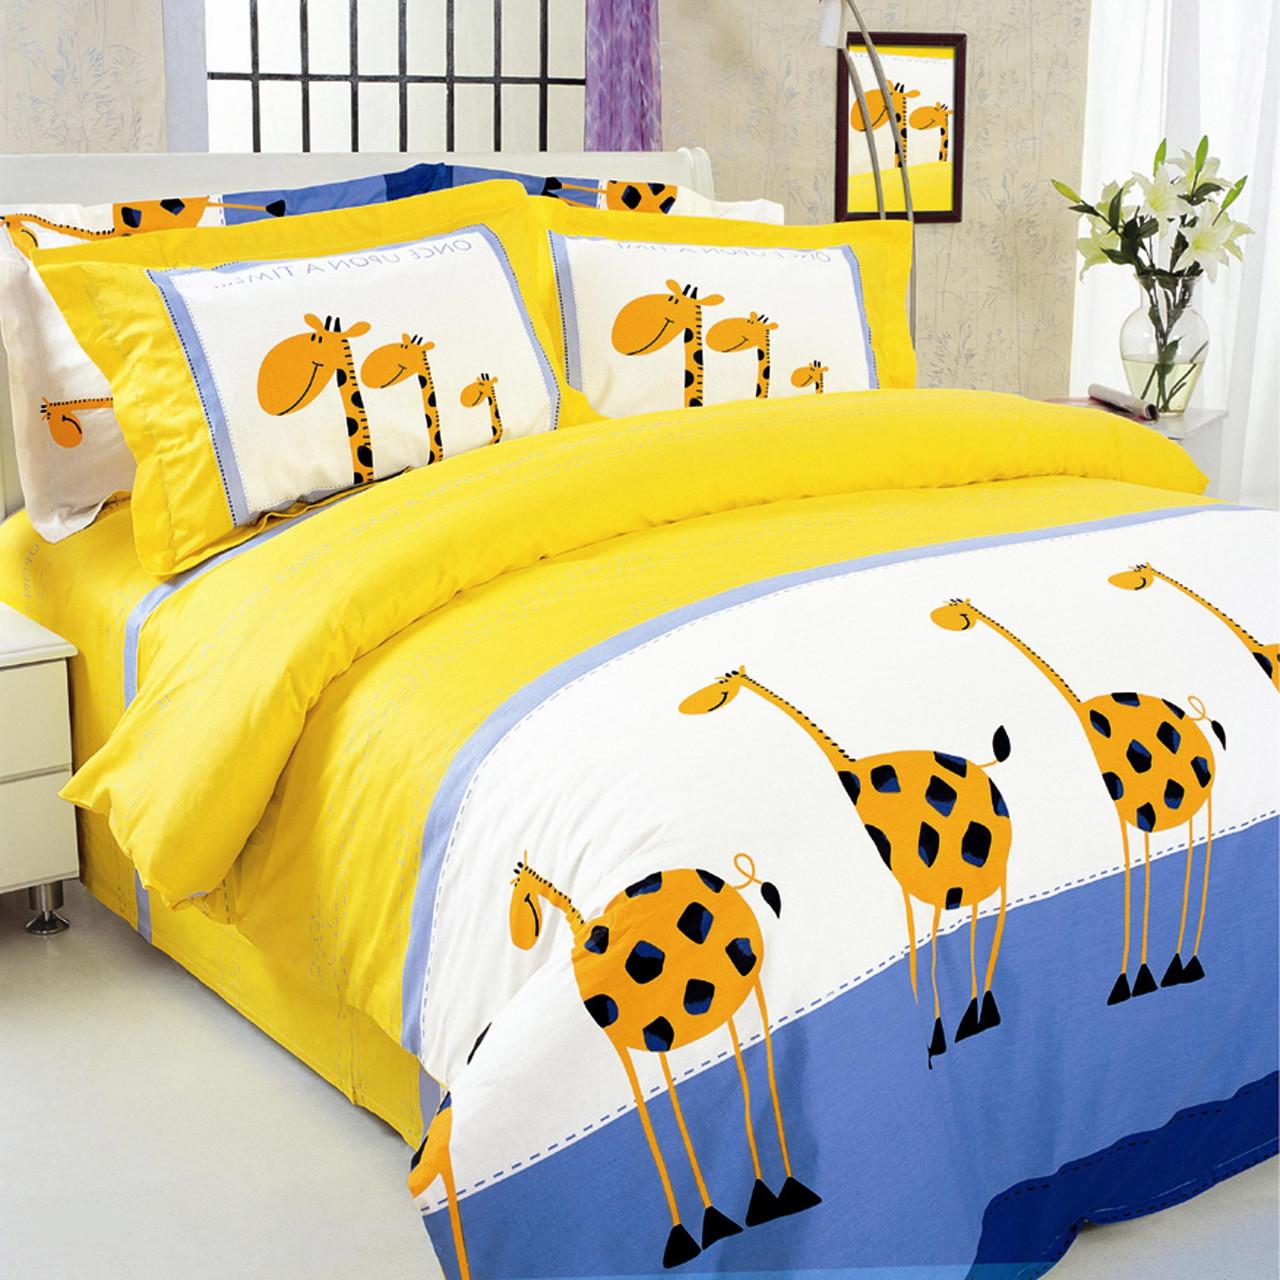 Комплект постельного белья ТЕП Жирафы_604